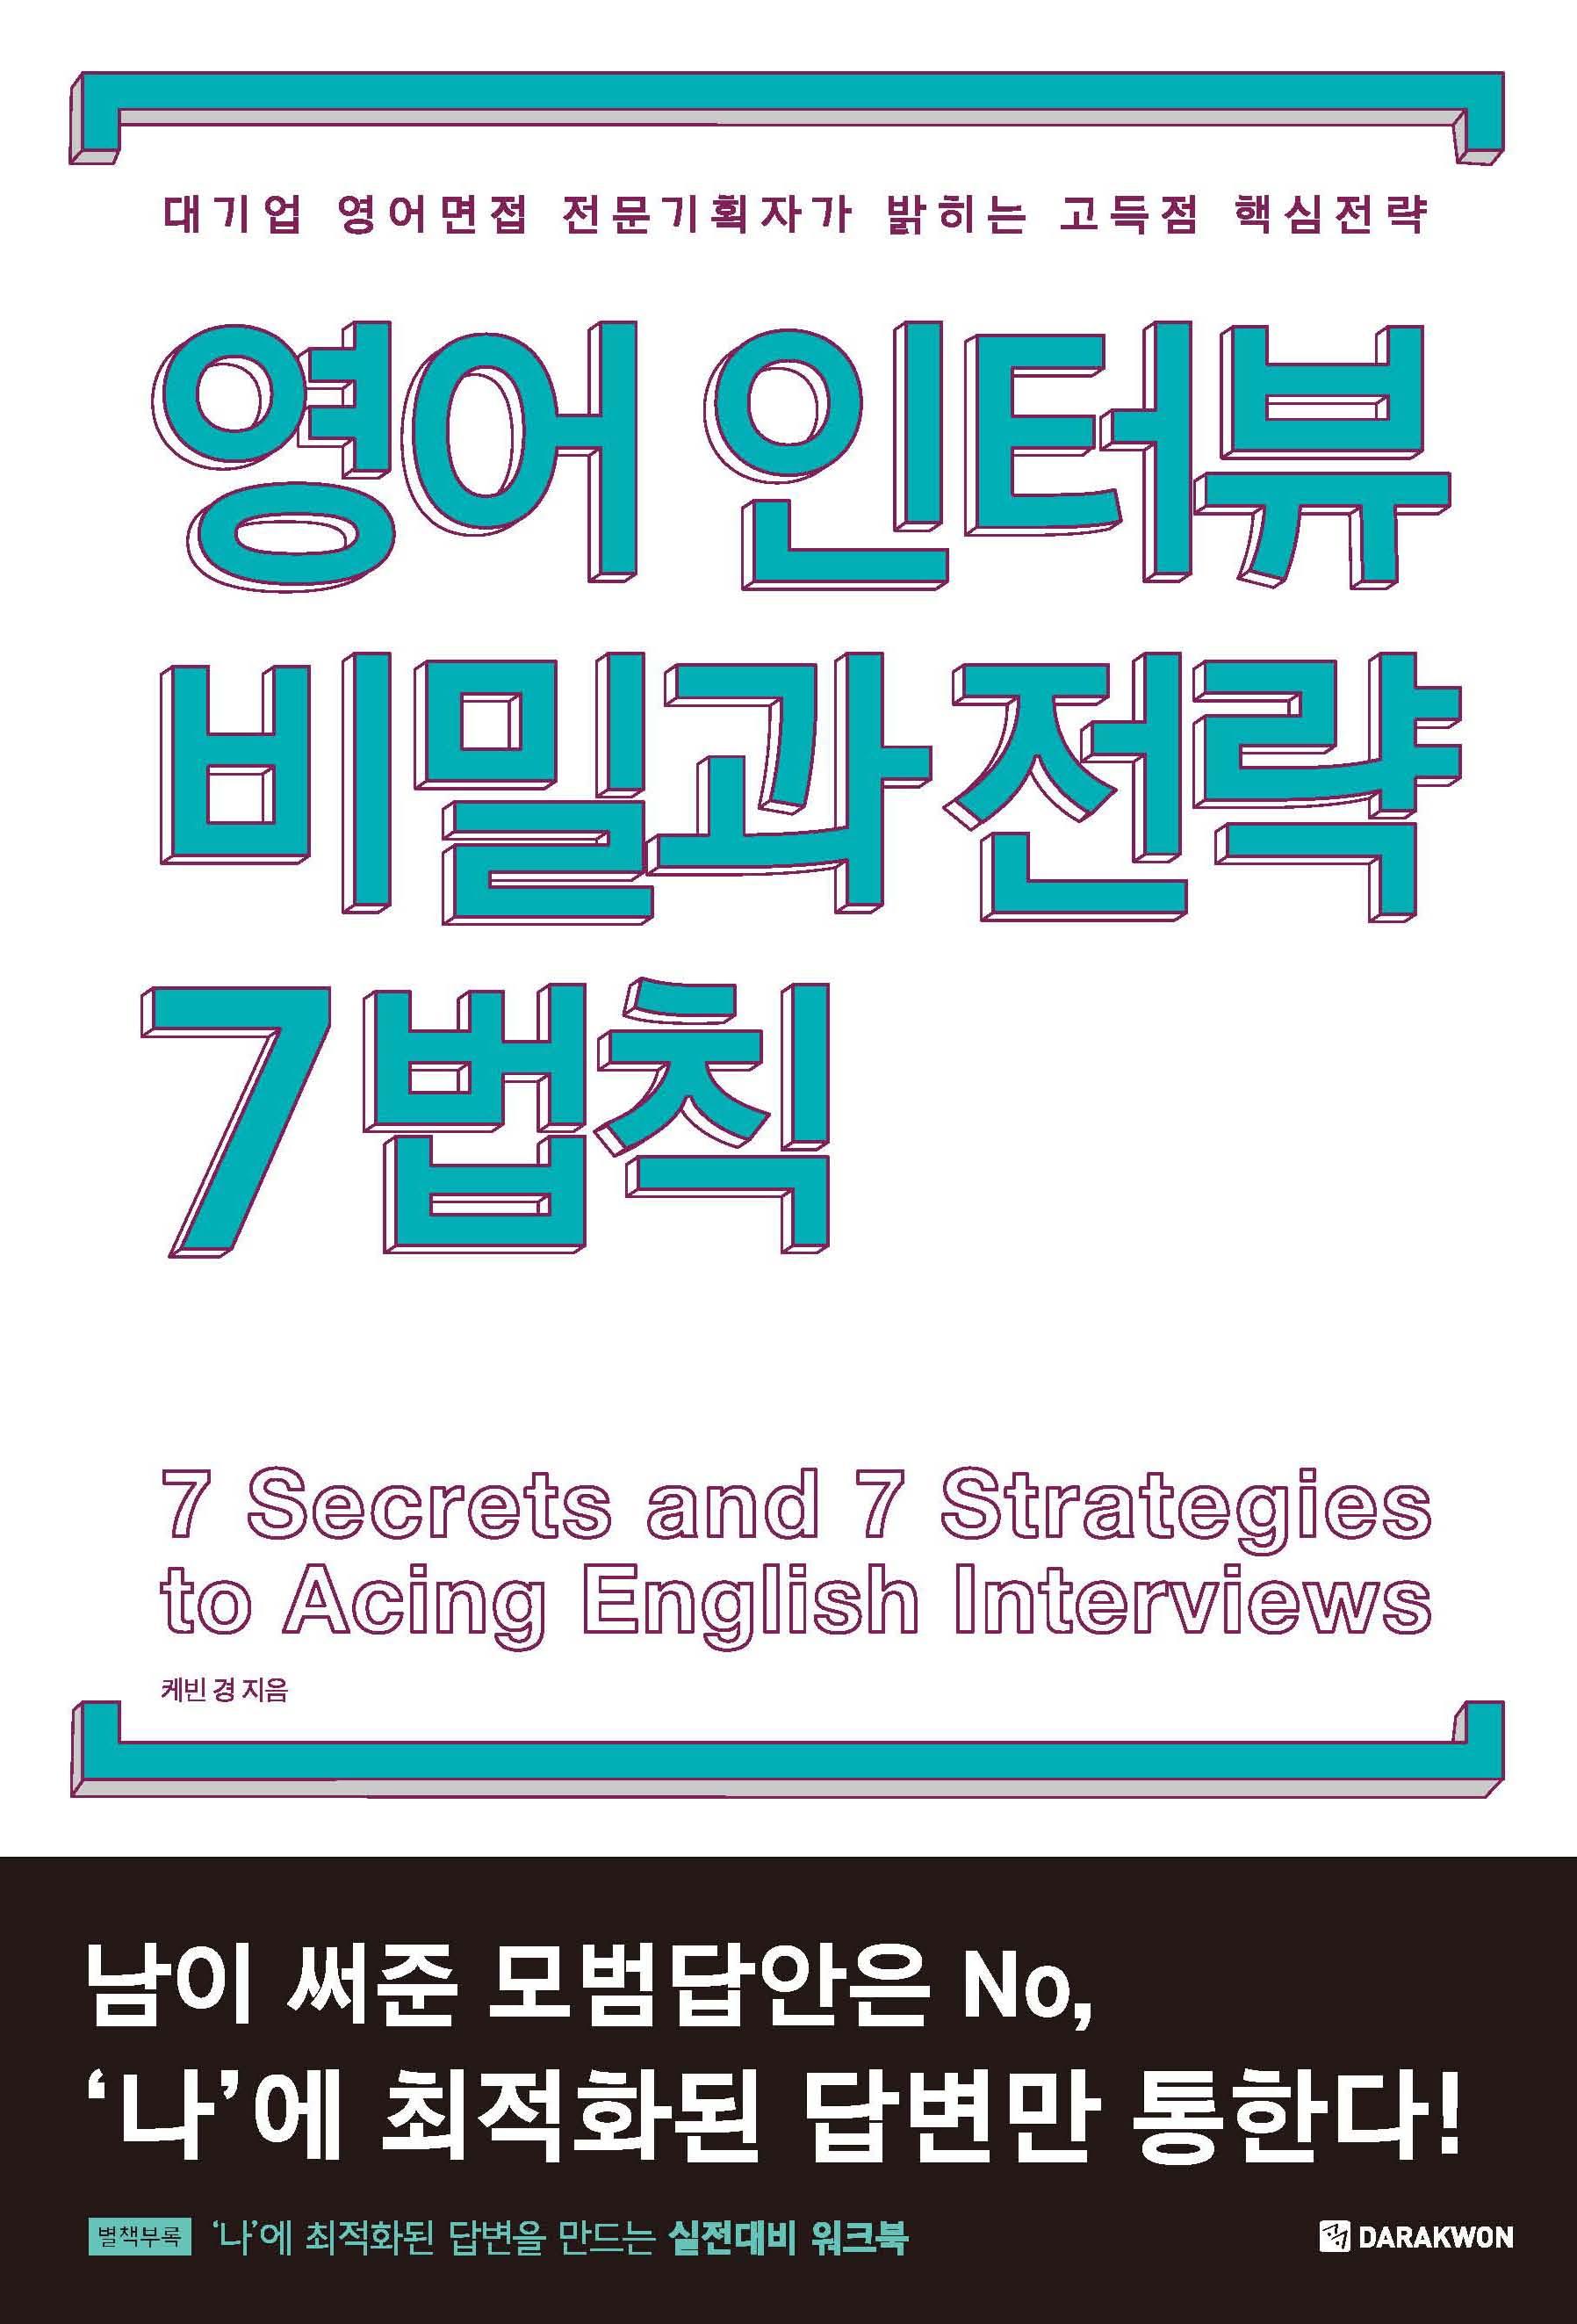 영어인터뷰 비밀과 전략 7법칙 : 대기업 영어면접 전문기획자가 밝히는 고득점 핵심전략